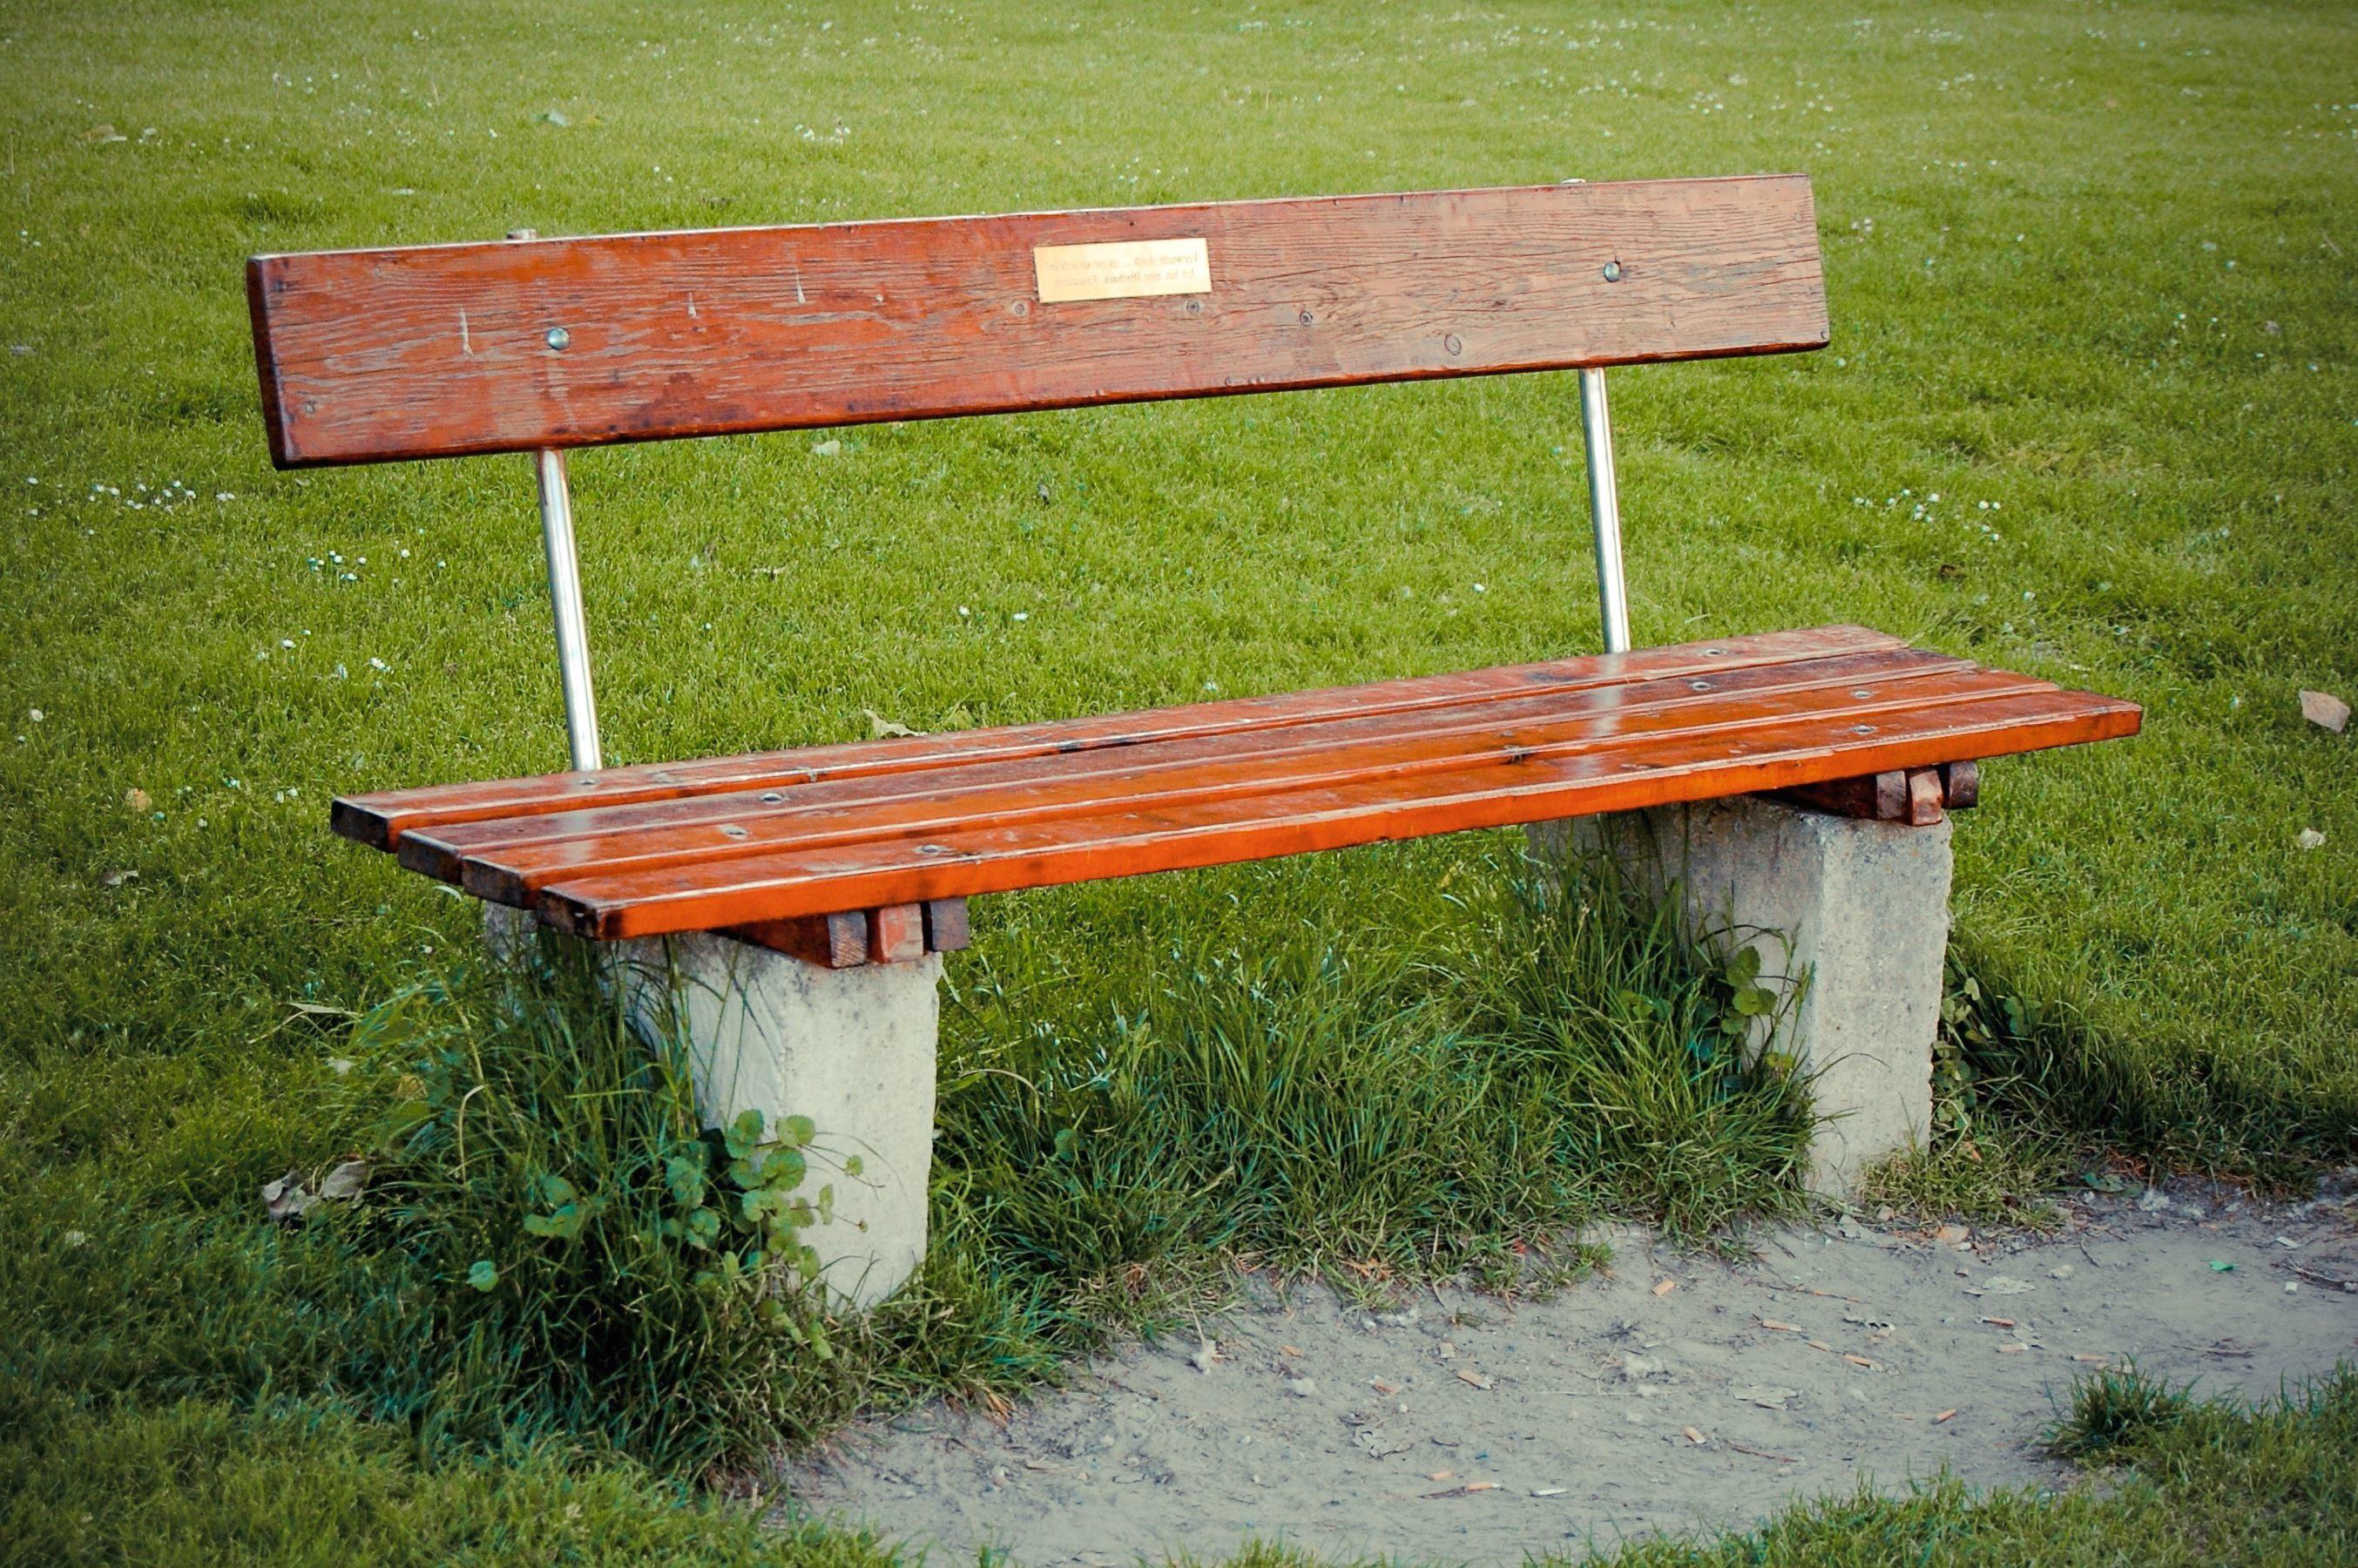 Meget Gratis billede: bænk, beton, græs, planke, træ RL98